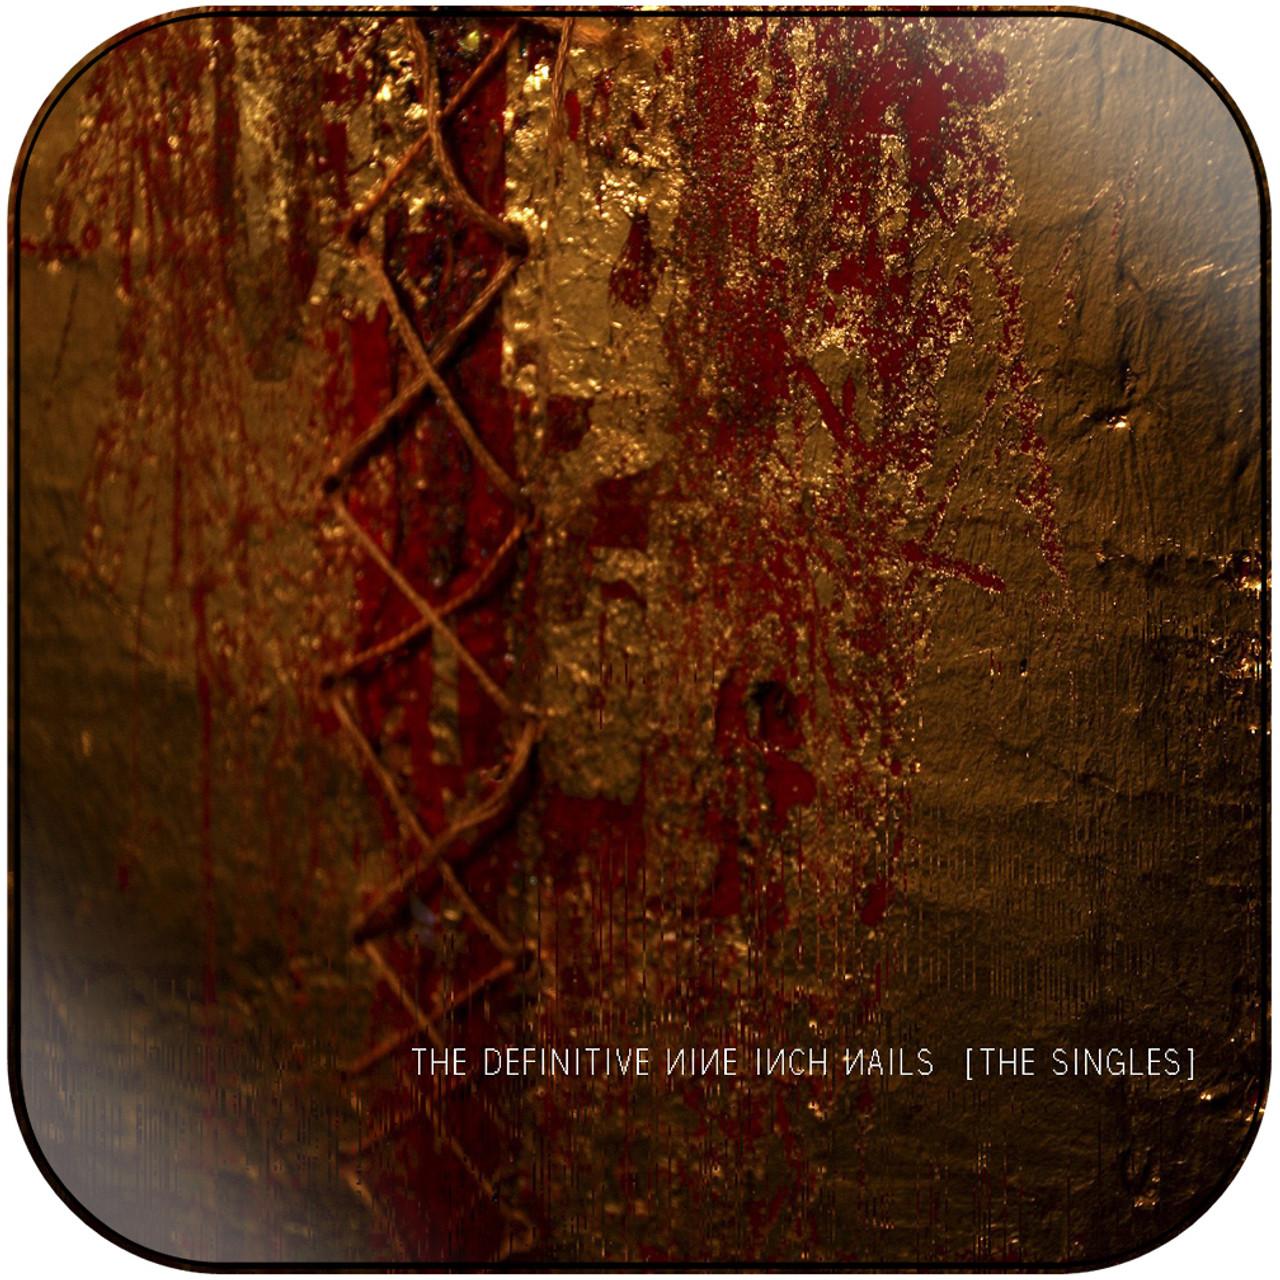 the definitive nin - heavy tracks